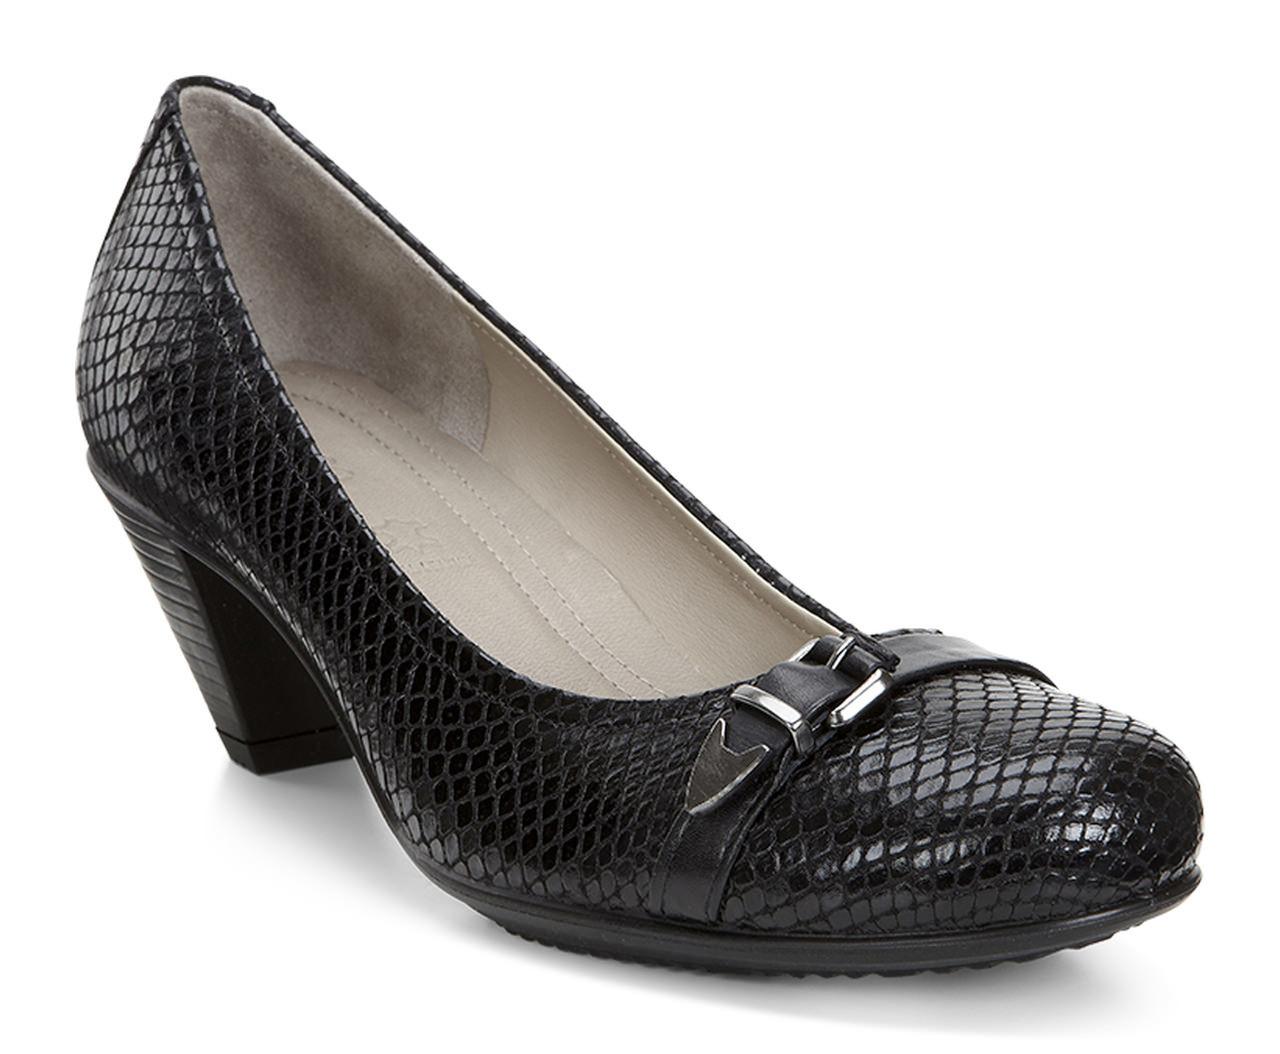 Женские туфли ECCO Touch 50 Оригинал р-35 стелька 22 e684989d5b402